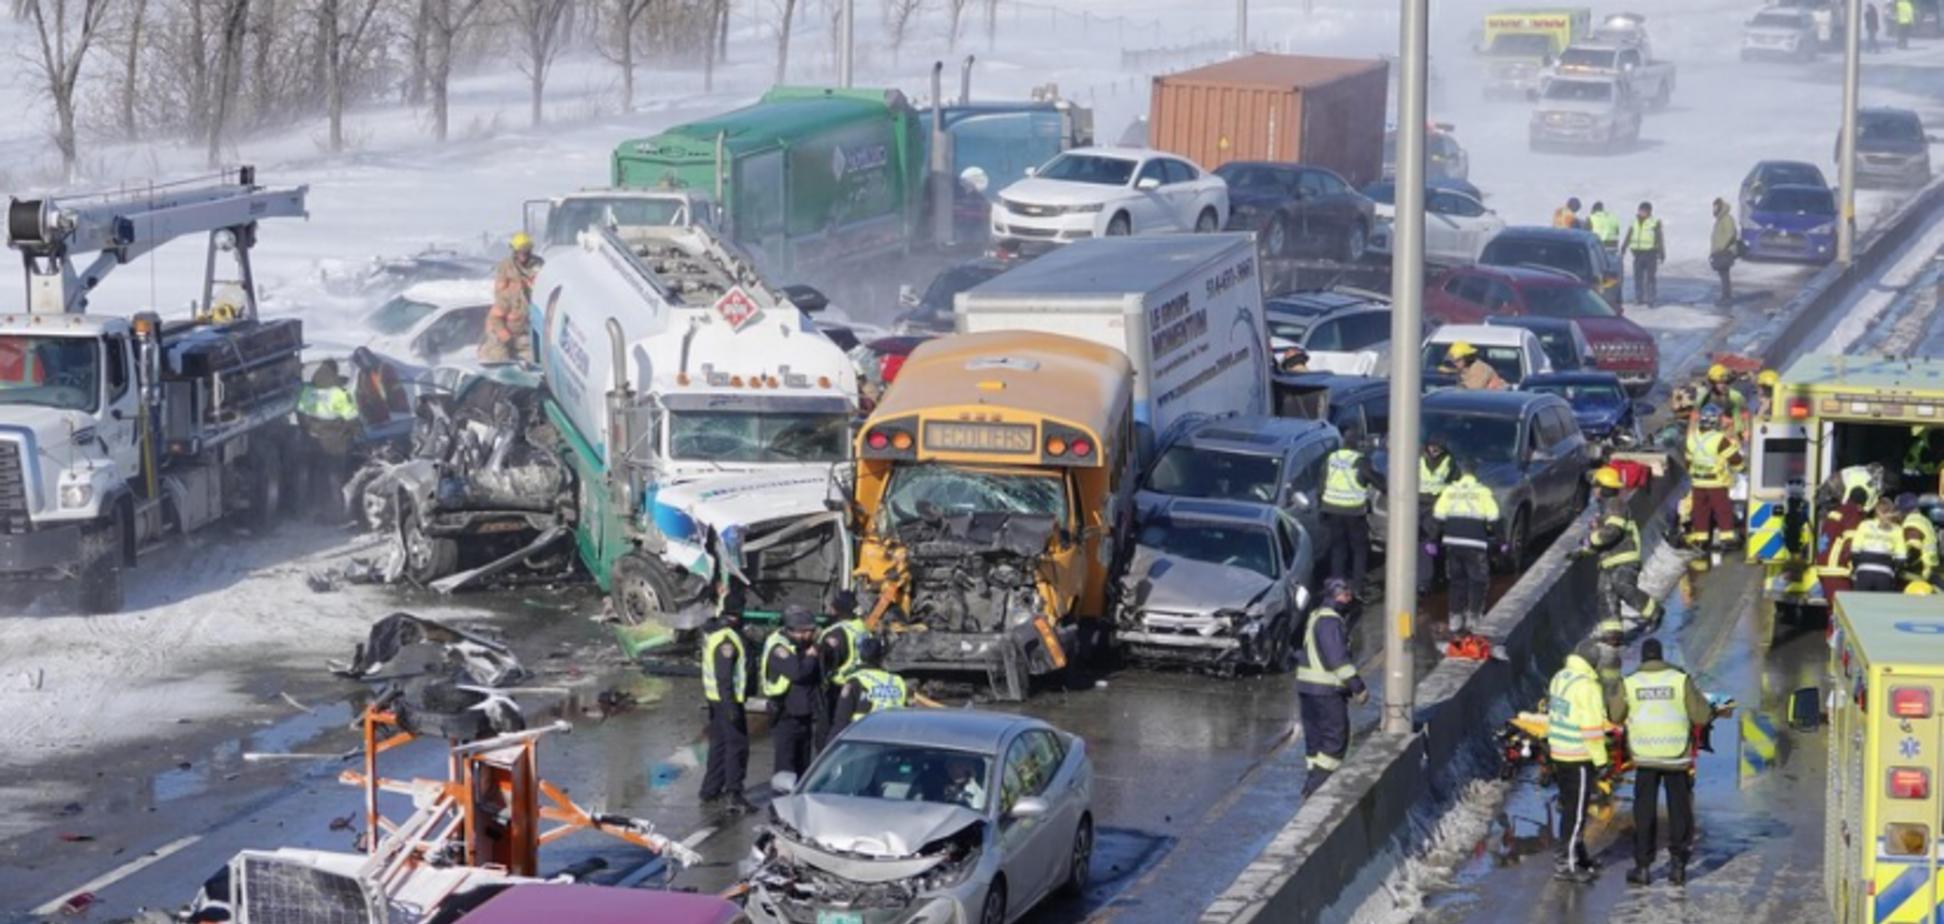 В Канаде метель столкнула более 100 авто: в ДТП пострадали 70 человек. Фото и видео коллапса